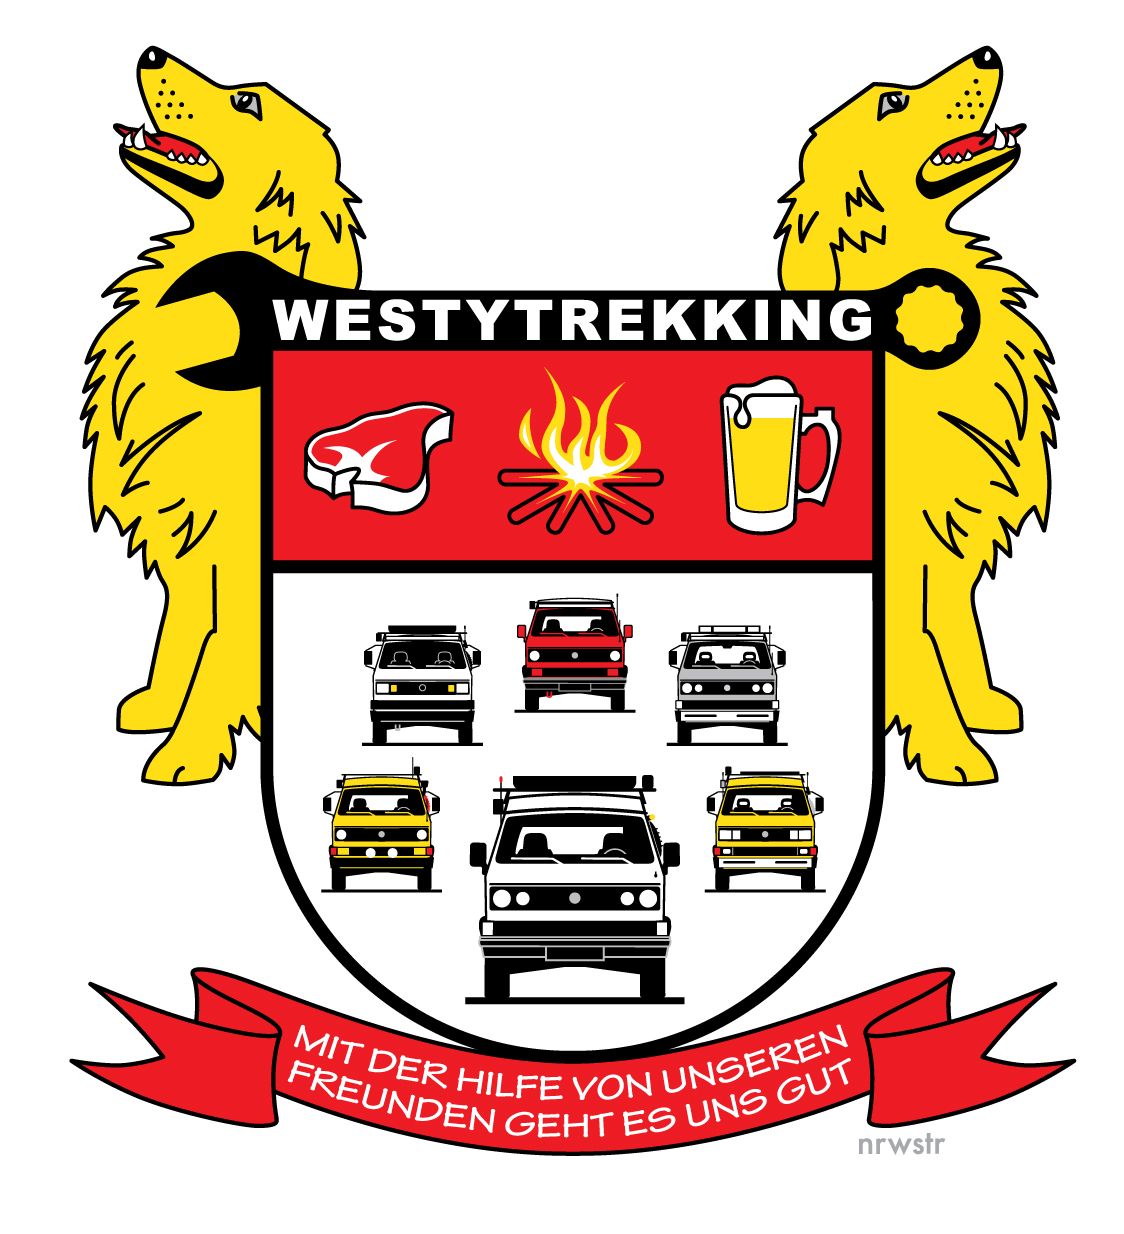 westytrekking-emblem-final3.jpg